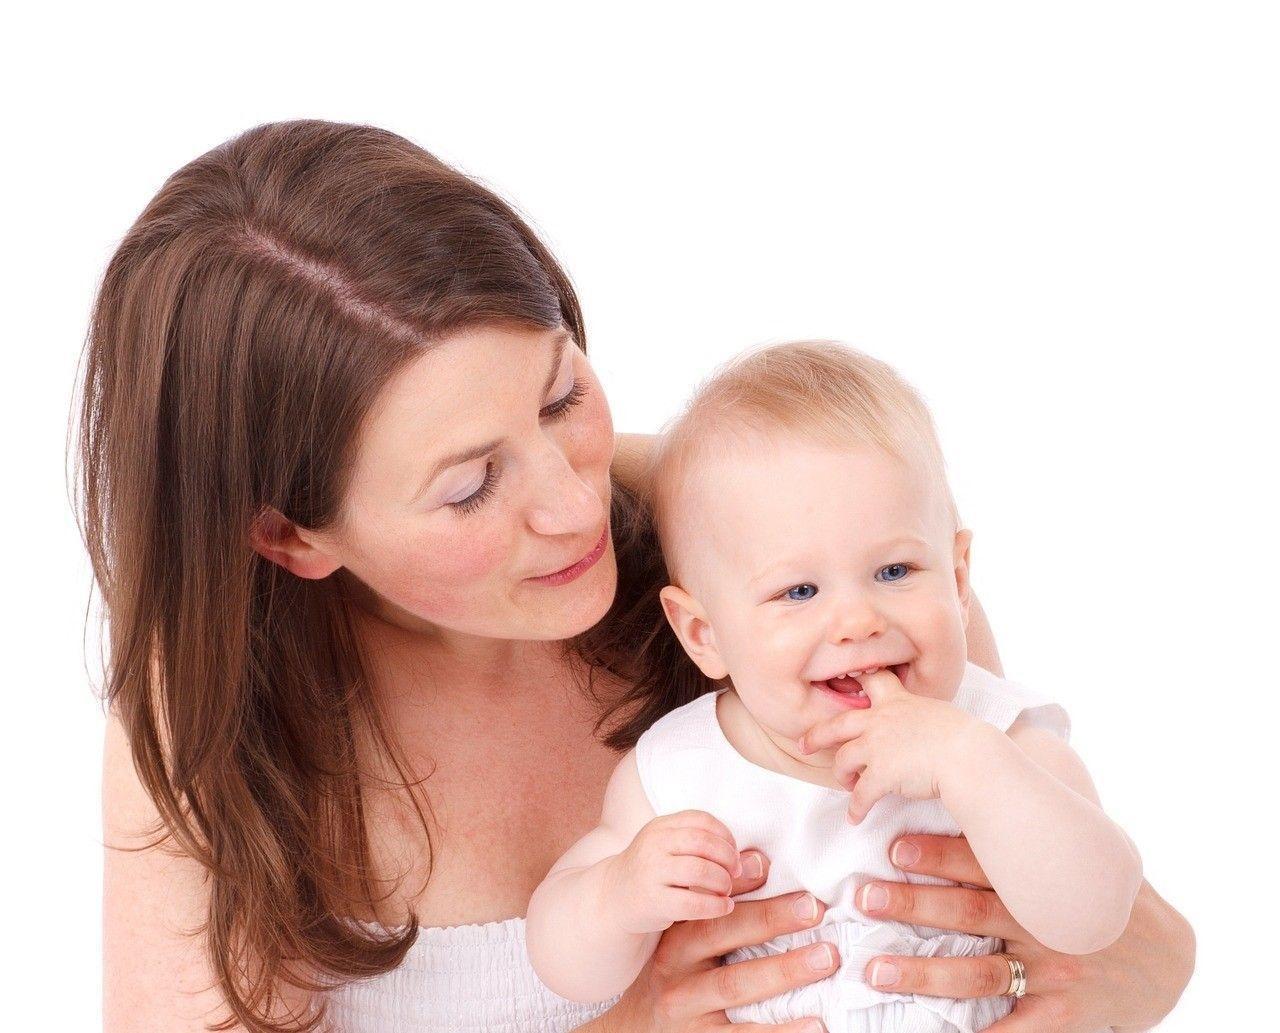 окситоцин превращает матерей в мамочек навсегда